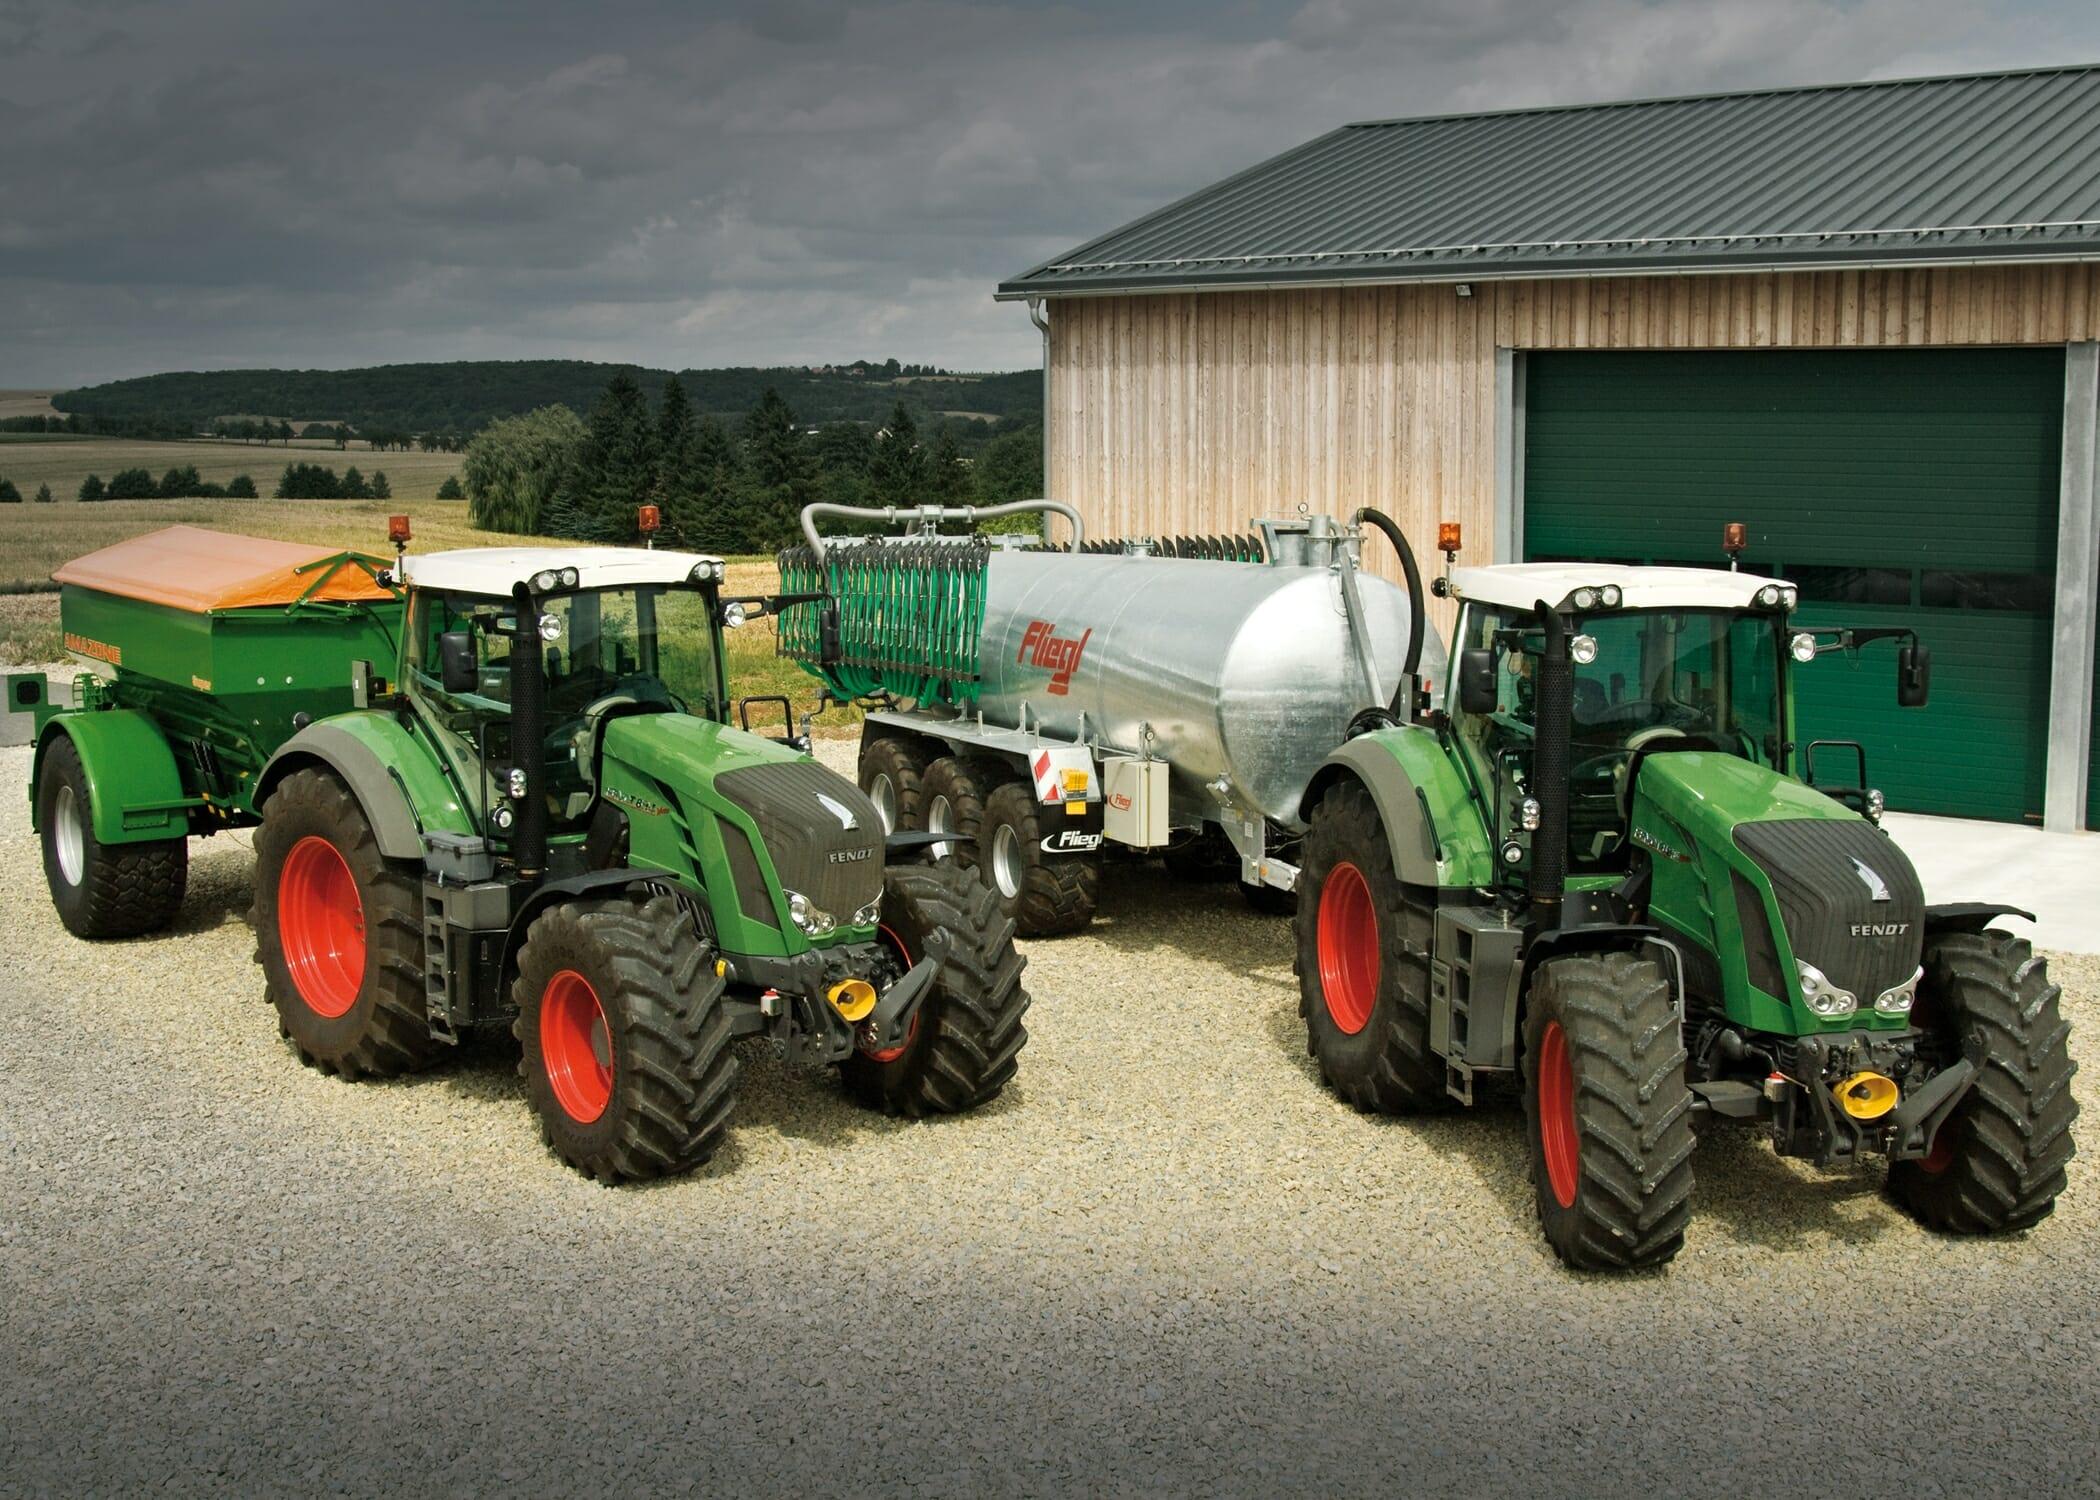 Fendt 800 Series Tractors